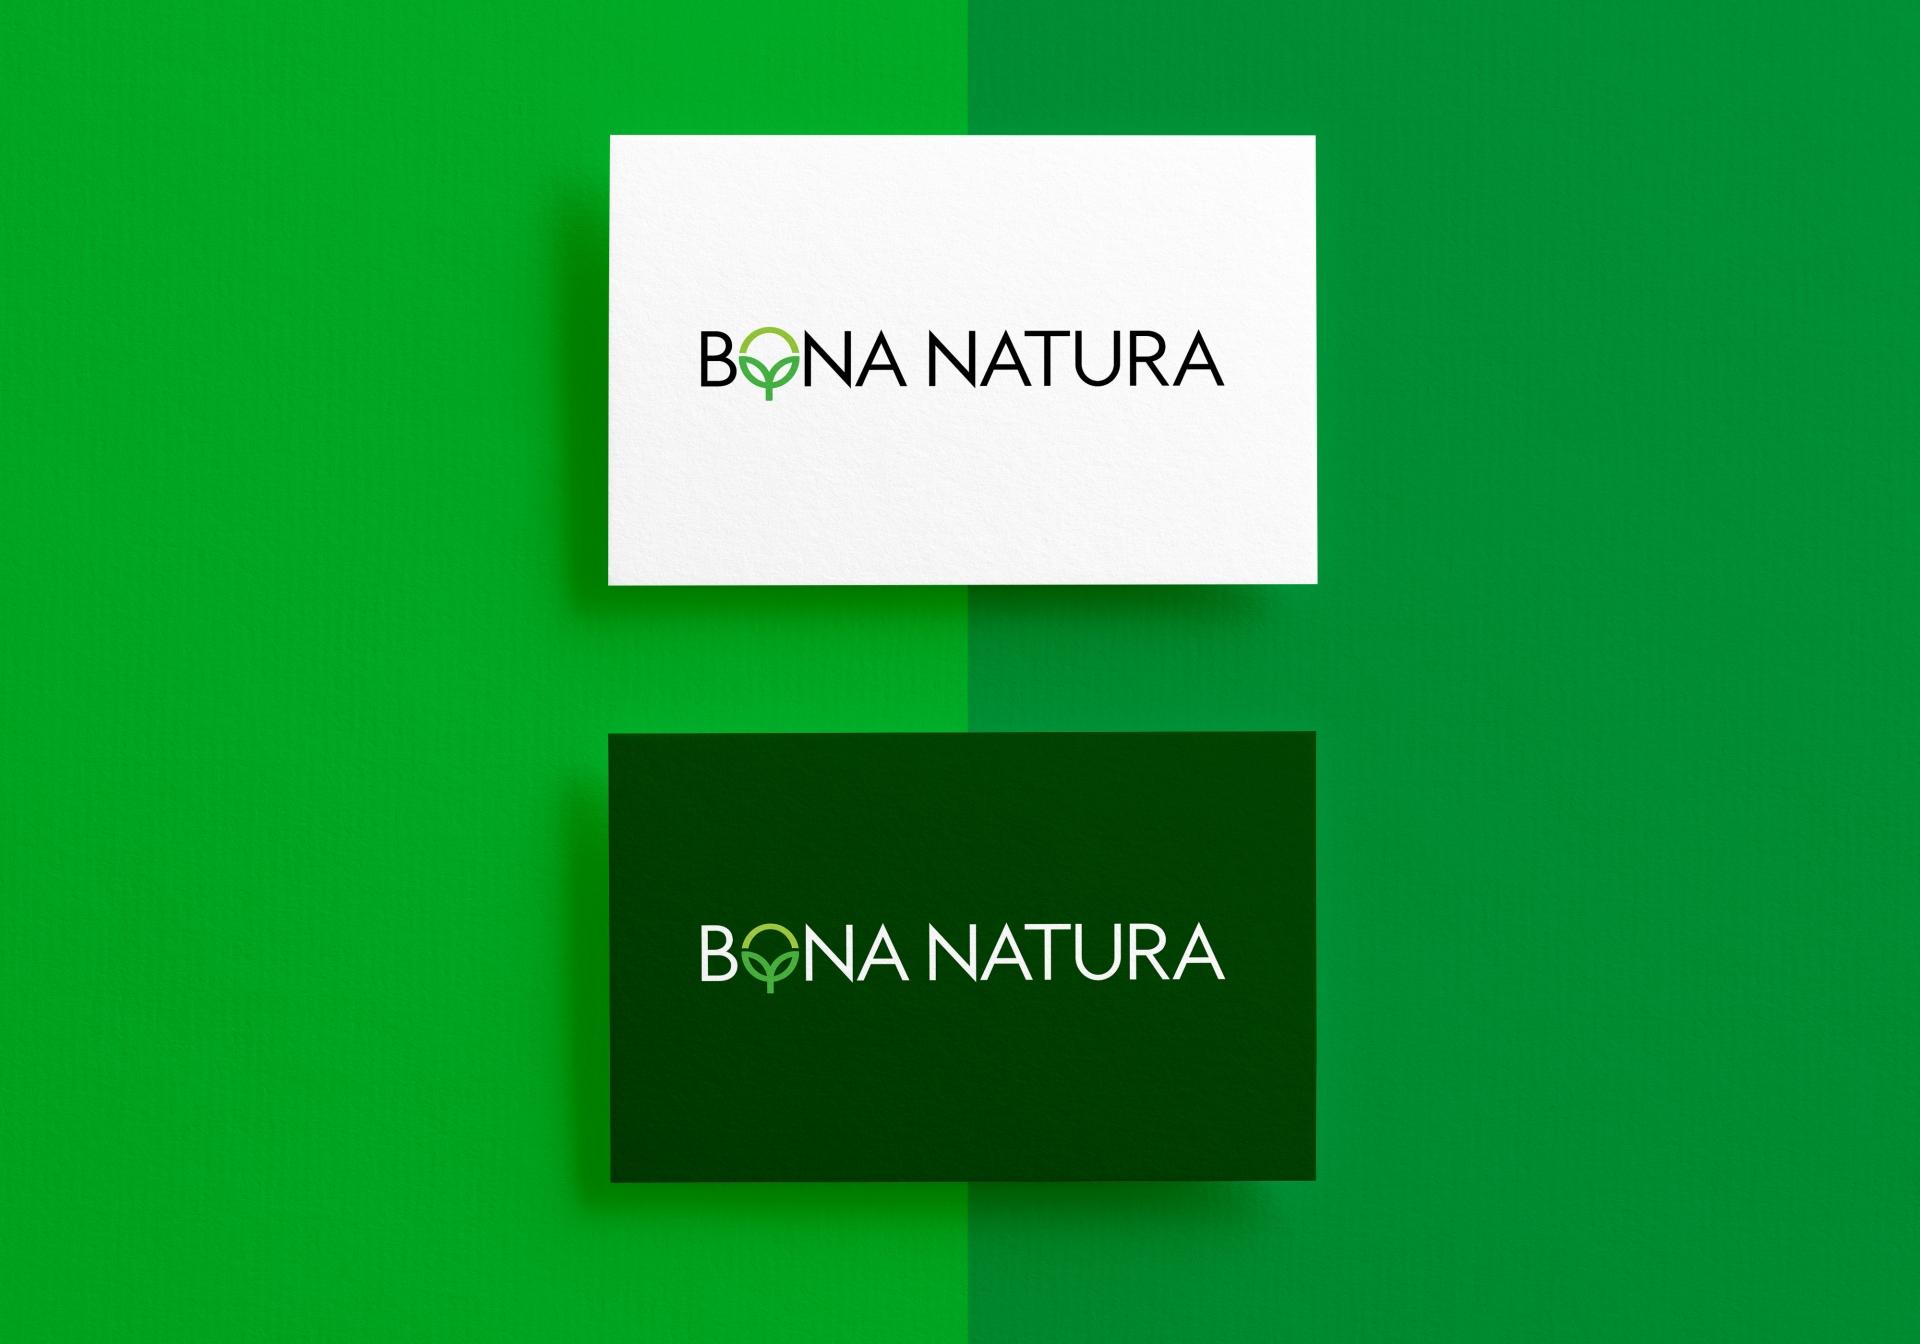 bonanatura_logo_updated